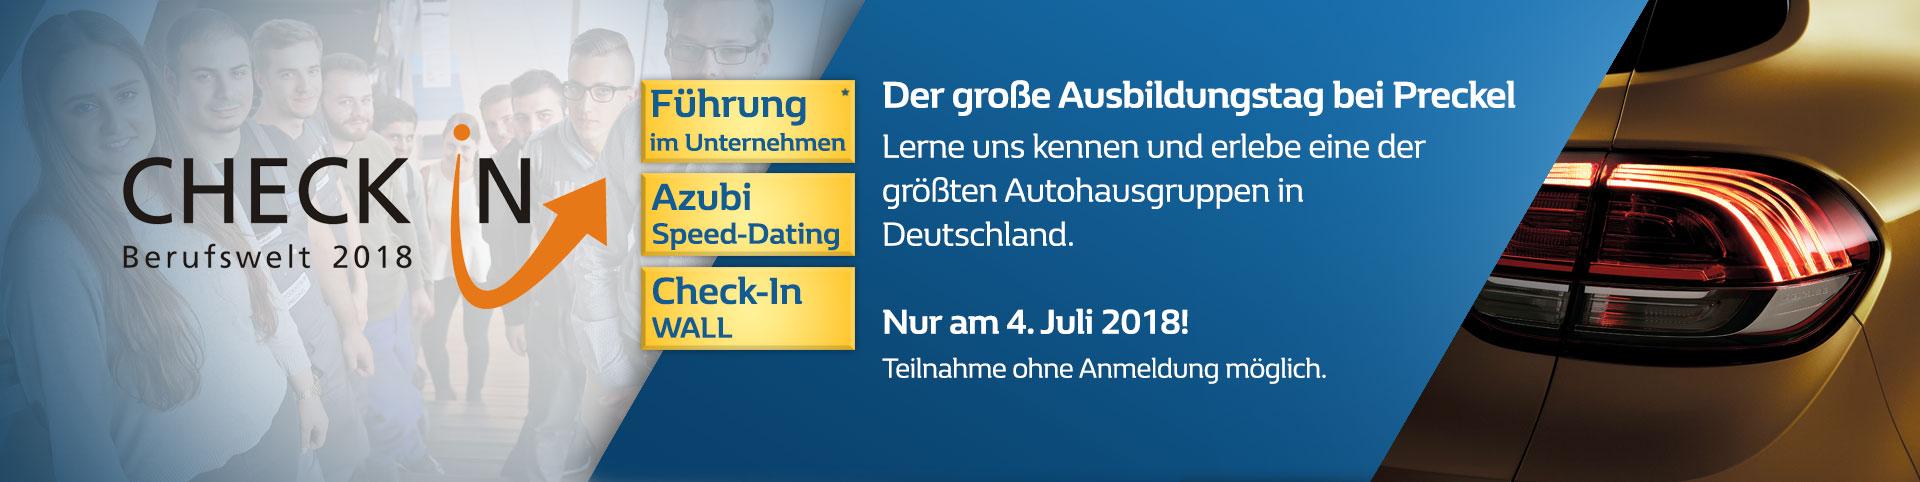 Checkin Berufswelt 2018 bei Preckel in Krefeld